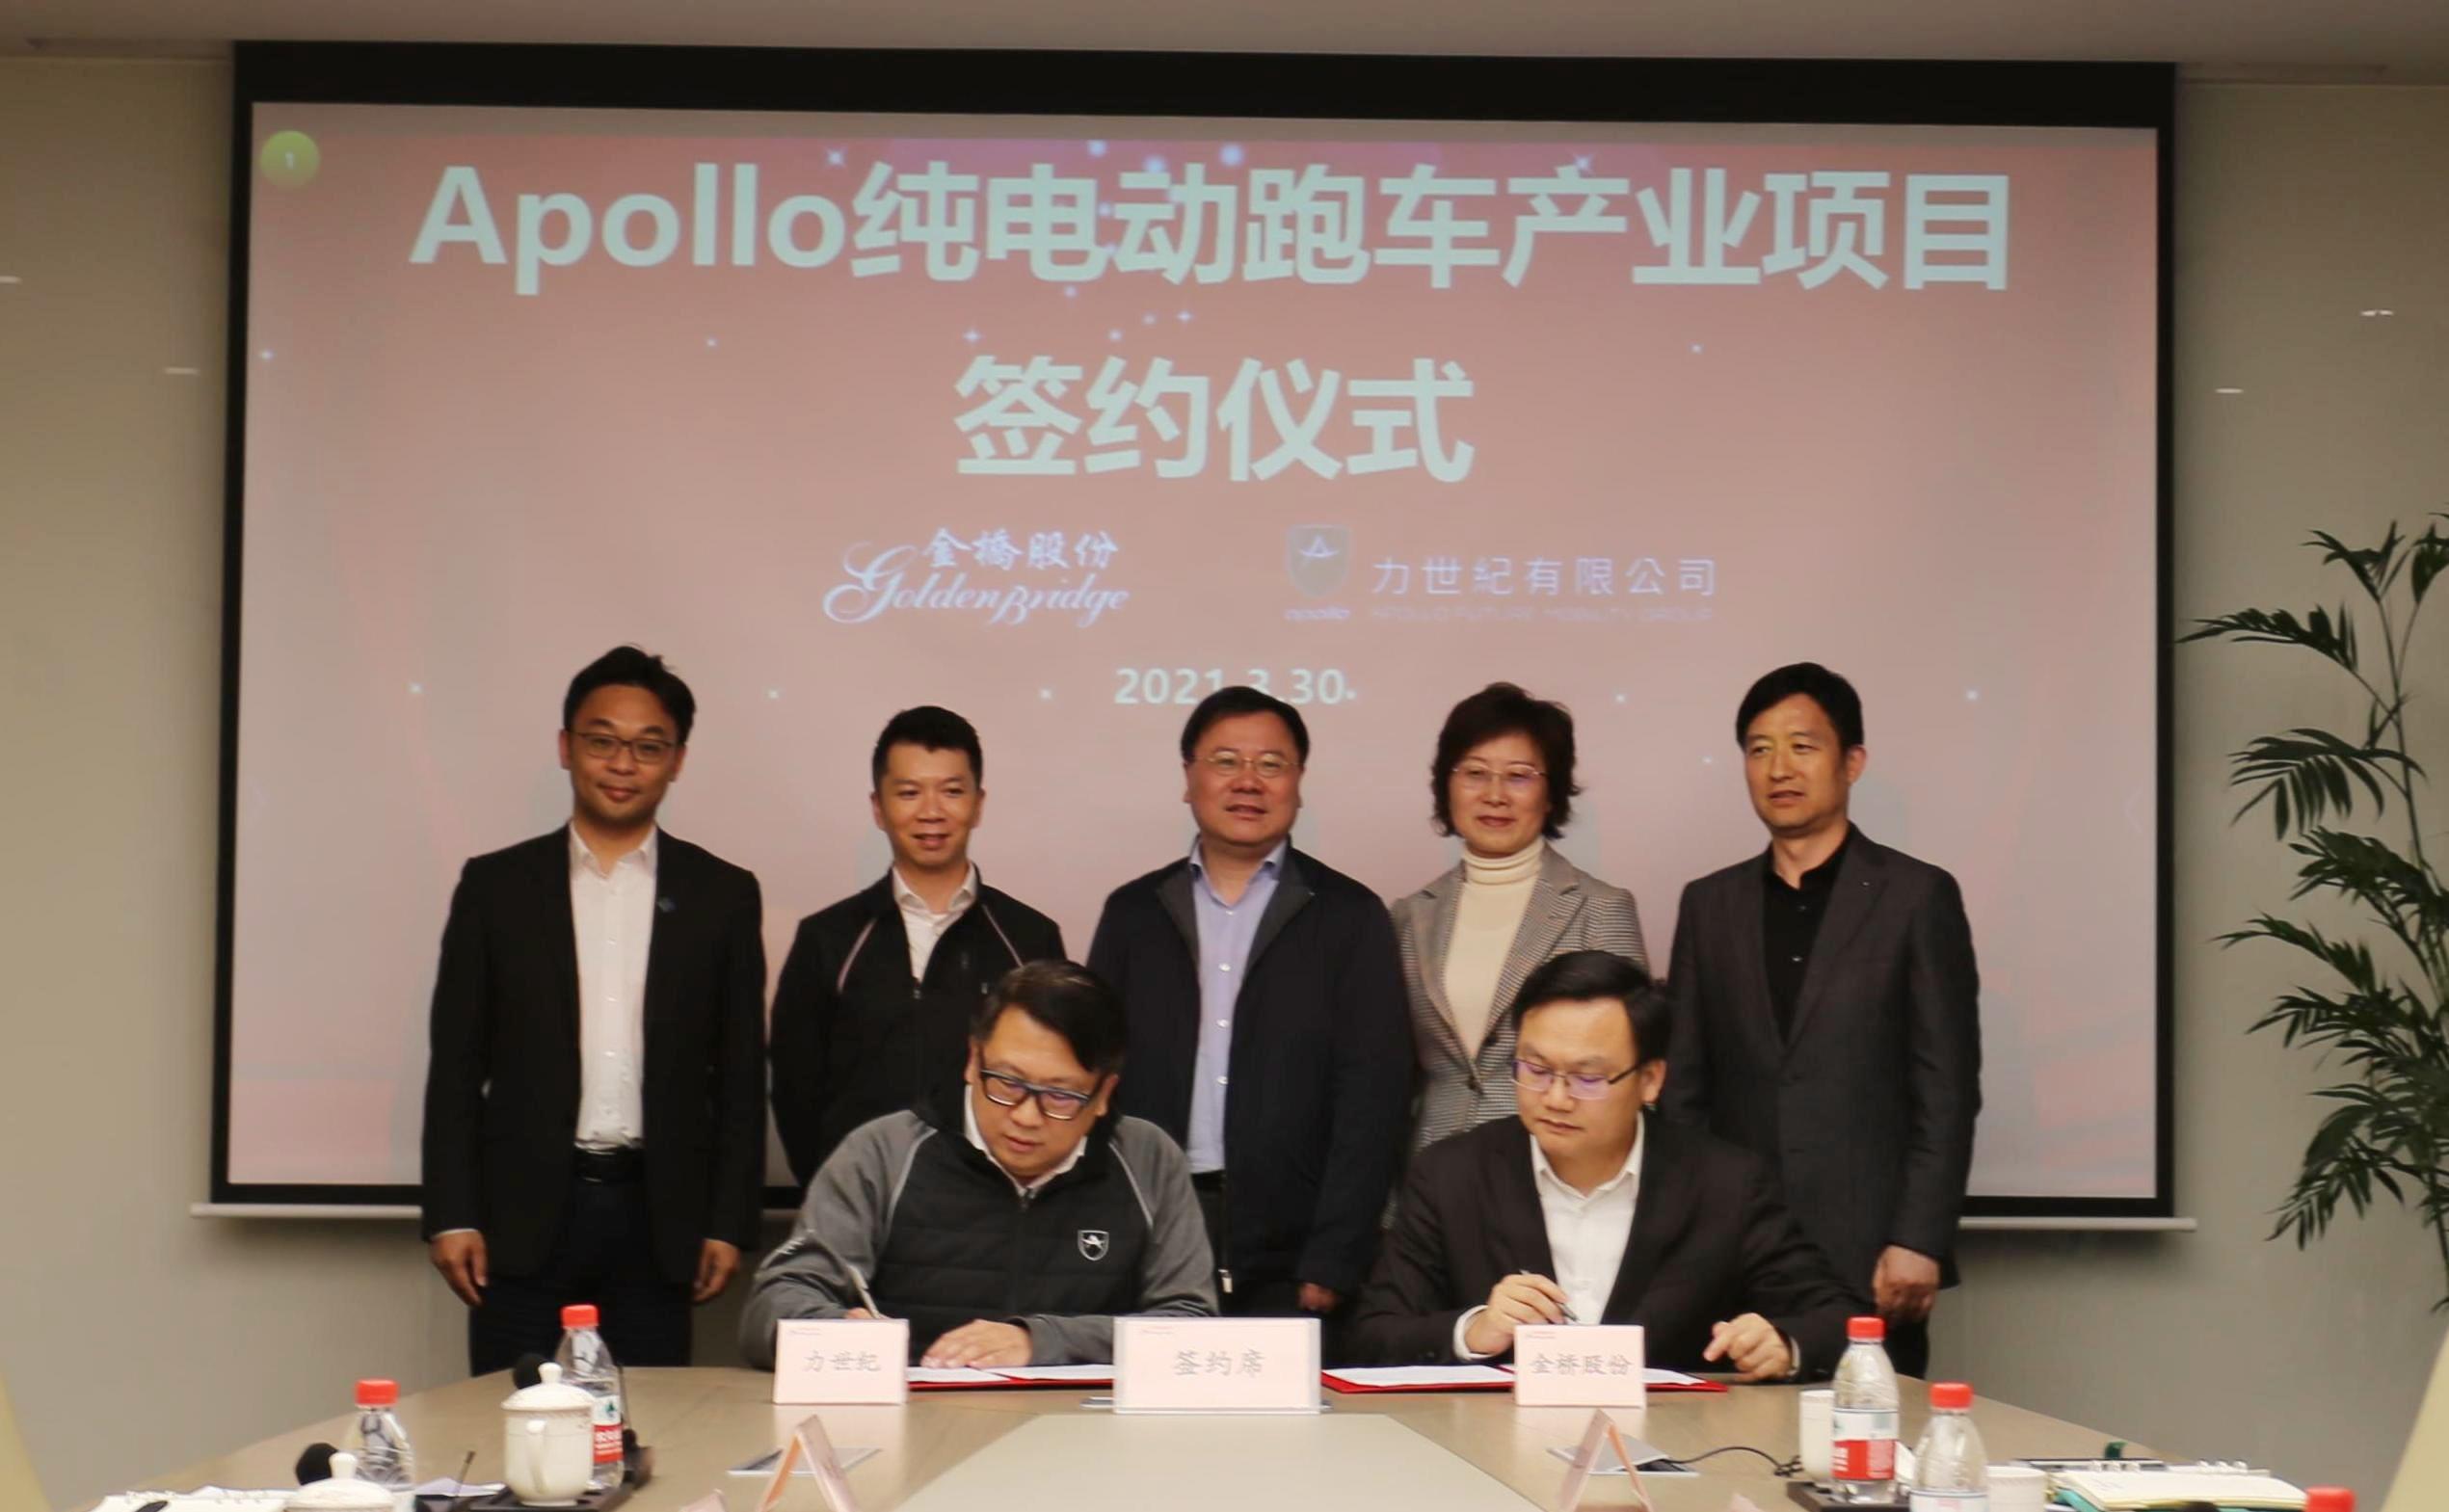 力世紀宣布與上海金橋簽訂合作框架協議